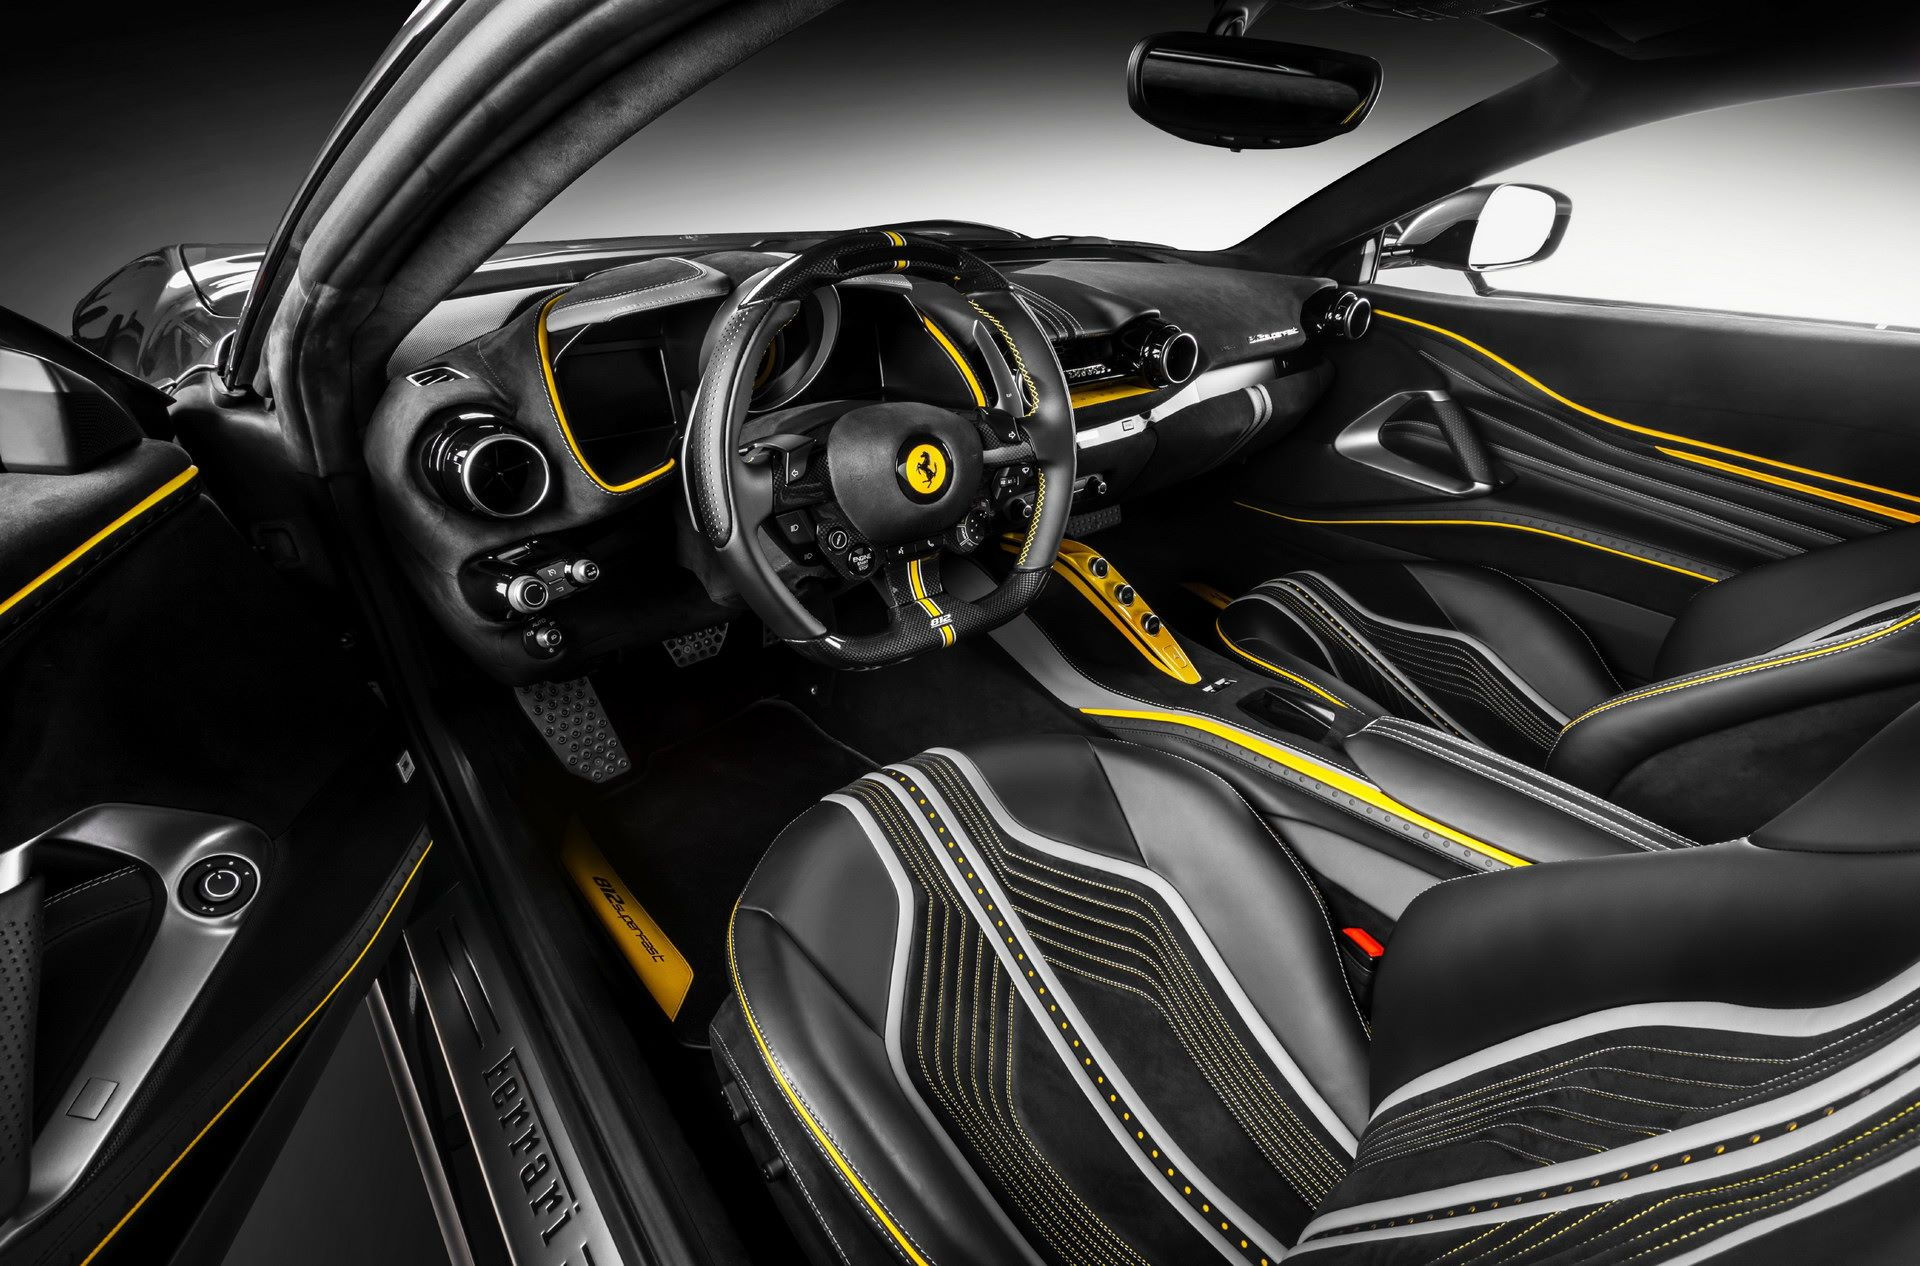 Ferrari-812-Superfast-by-Carlex-Design-9